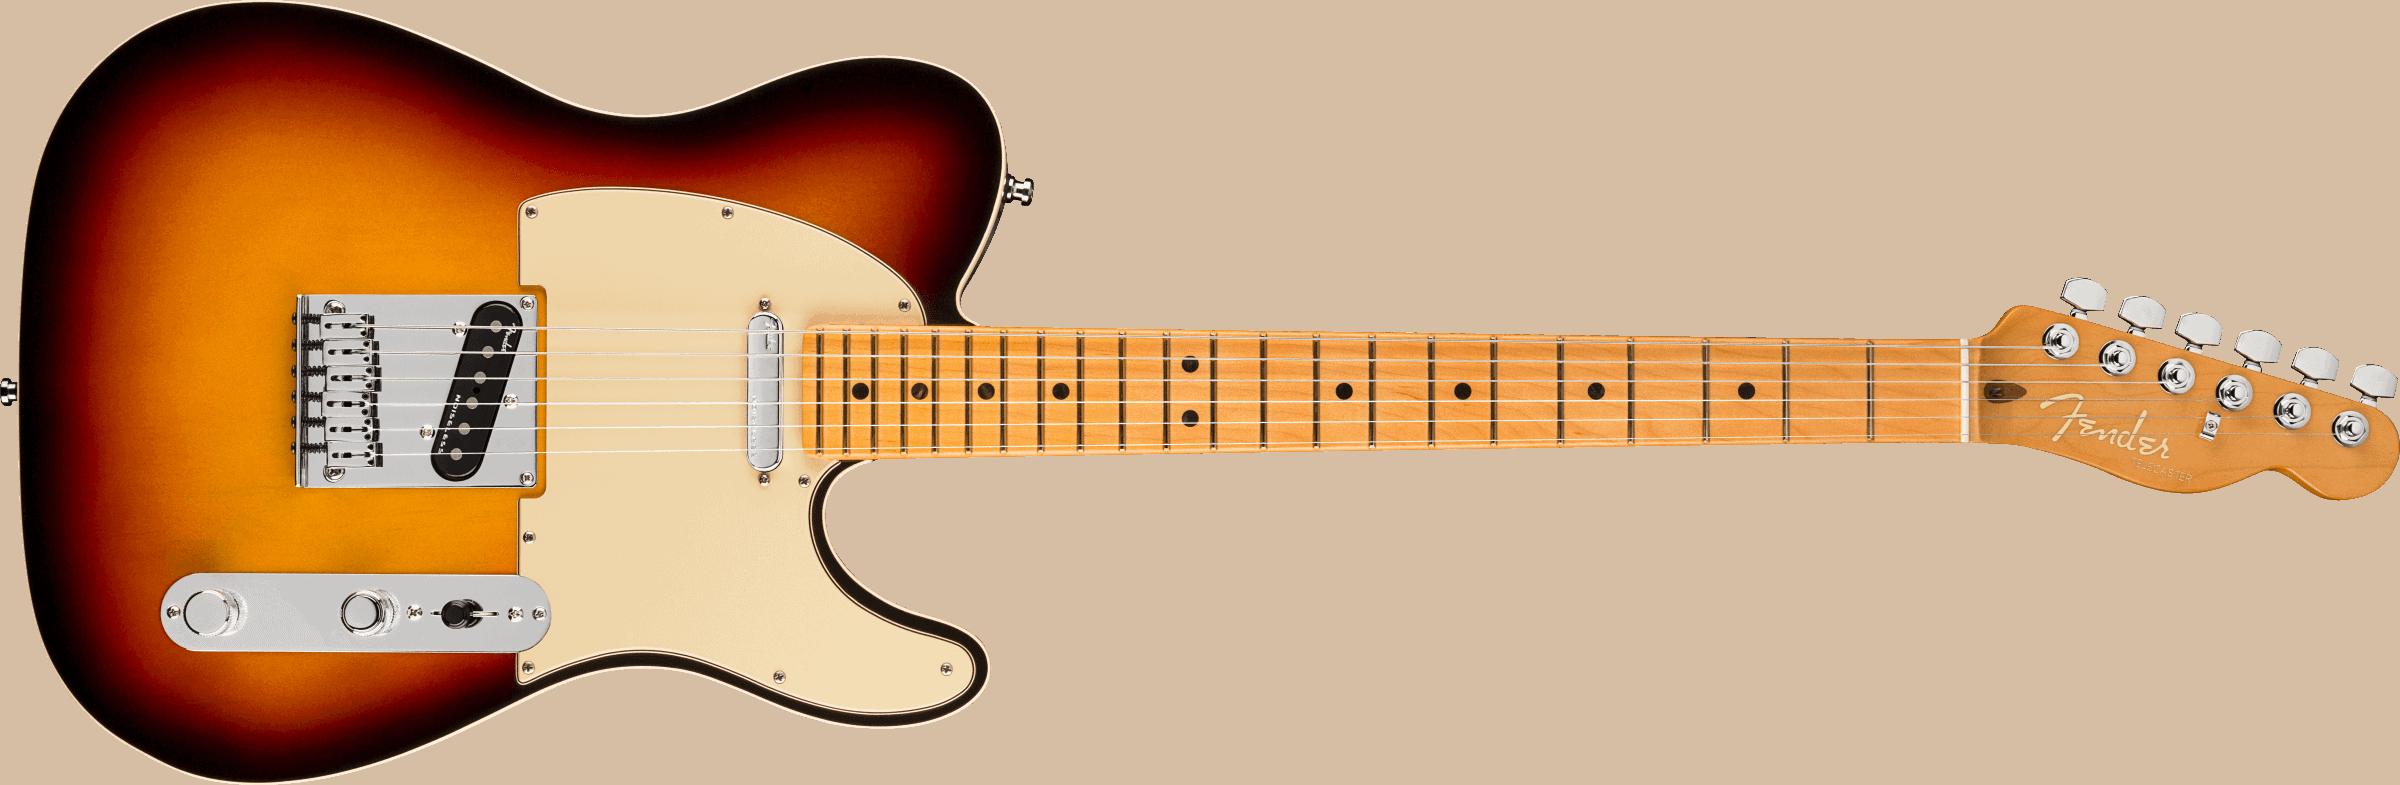 Fender American Ultra Telecaster®, Maple Fingerboard, Ultraburst